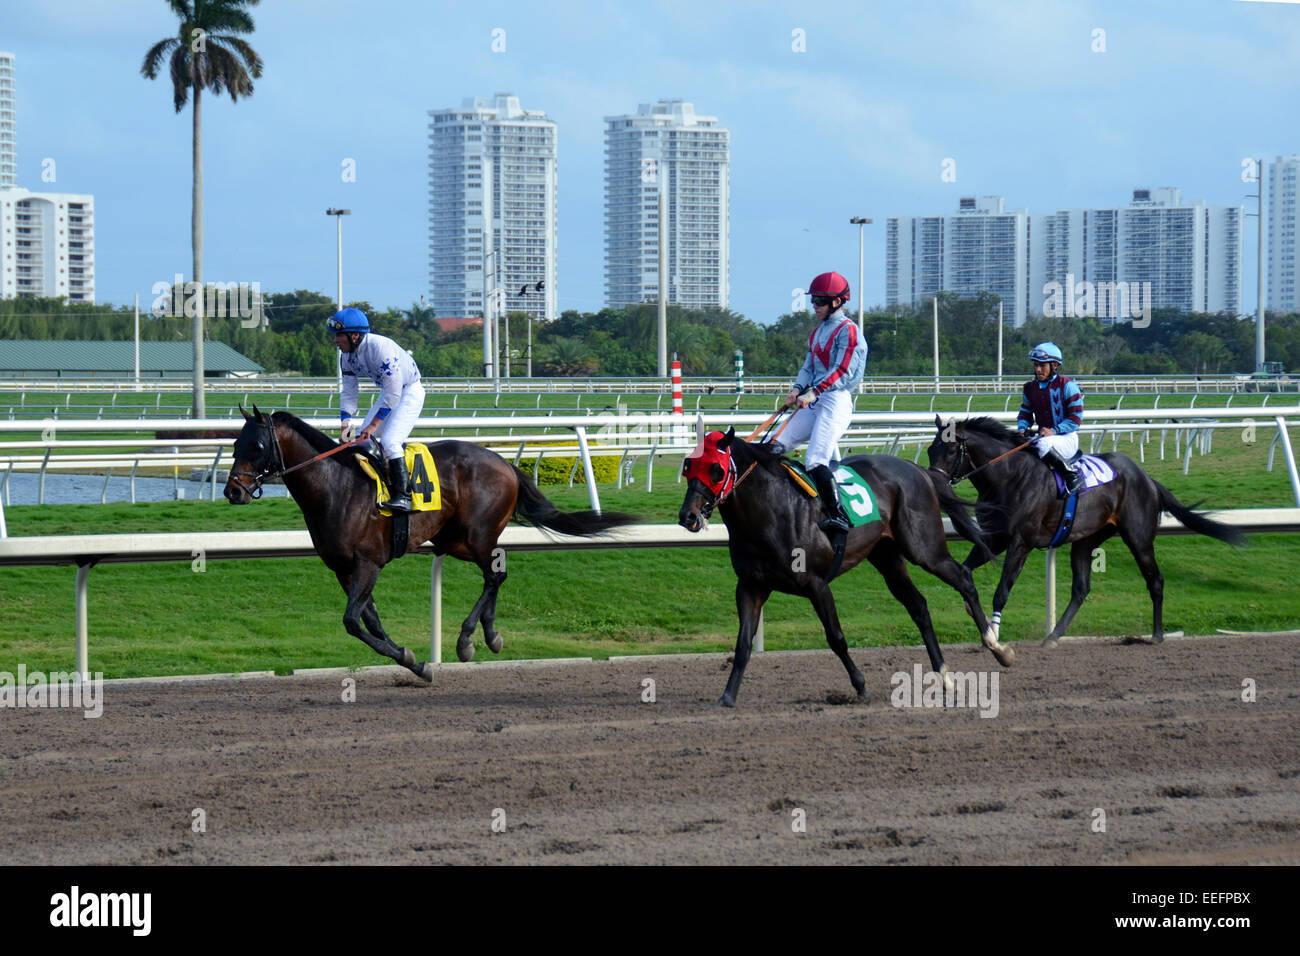 Miami, EE.UU. - El 4 de febrero de 2011: Práctica de los equipos de carreras de caballos en un día de Imagen De Stock